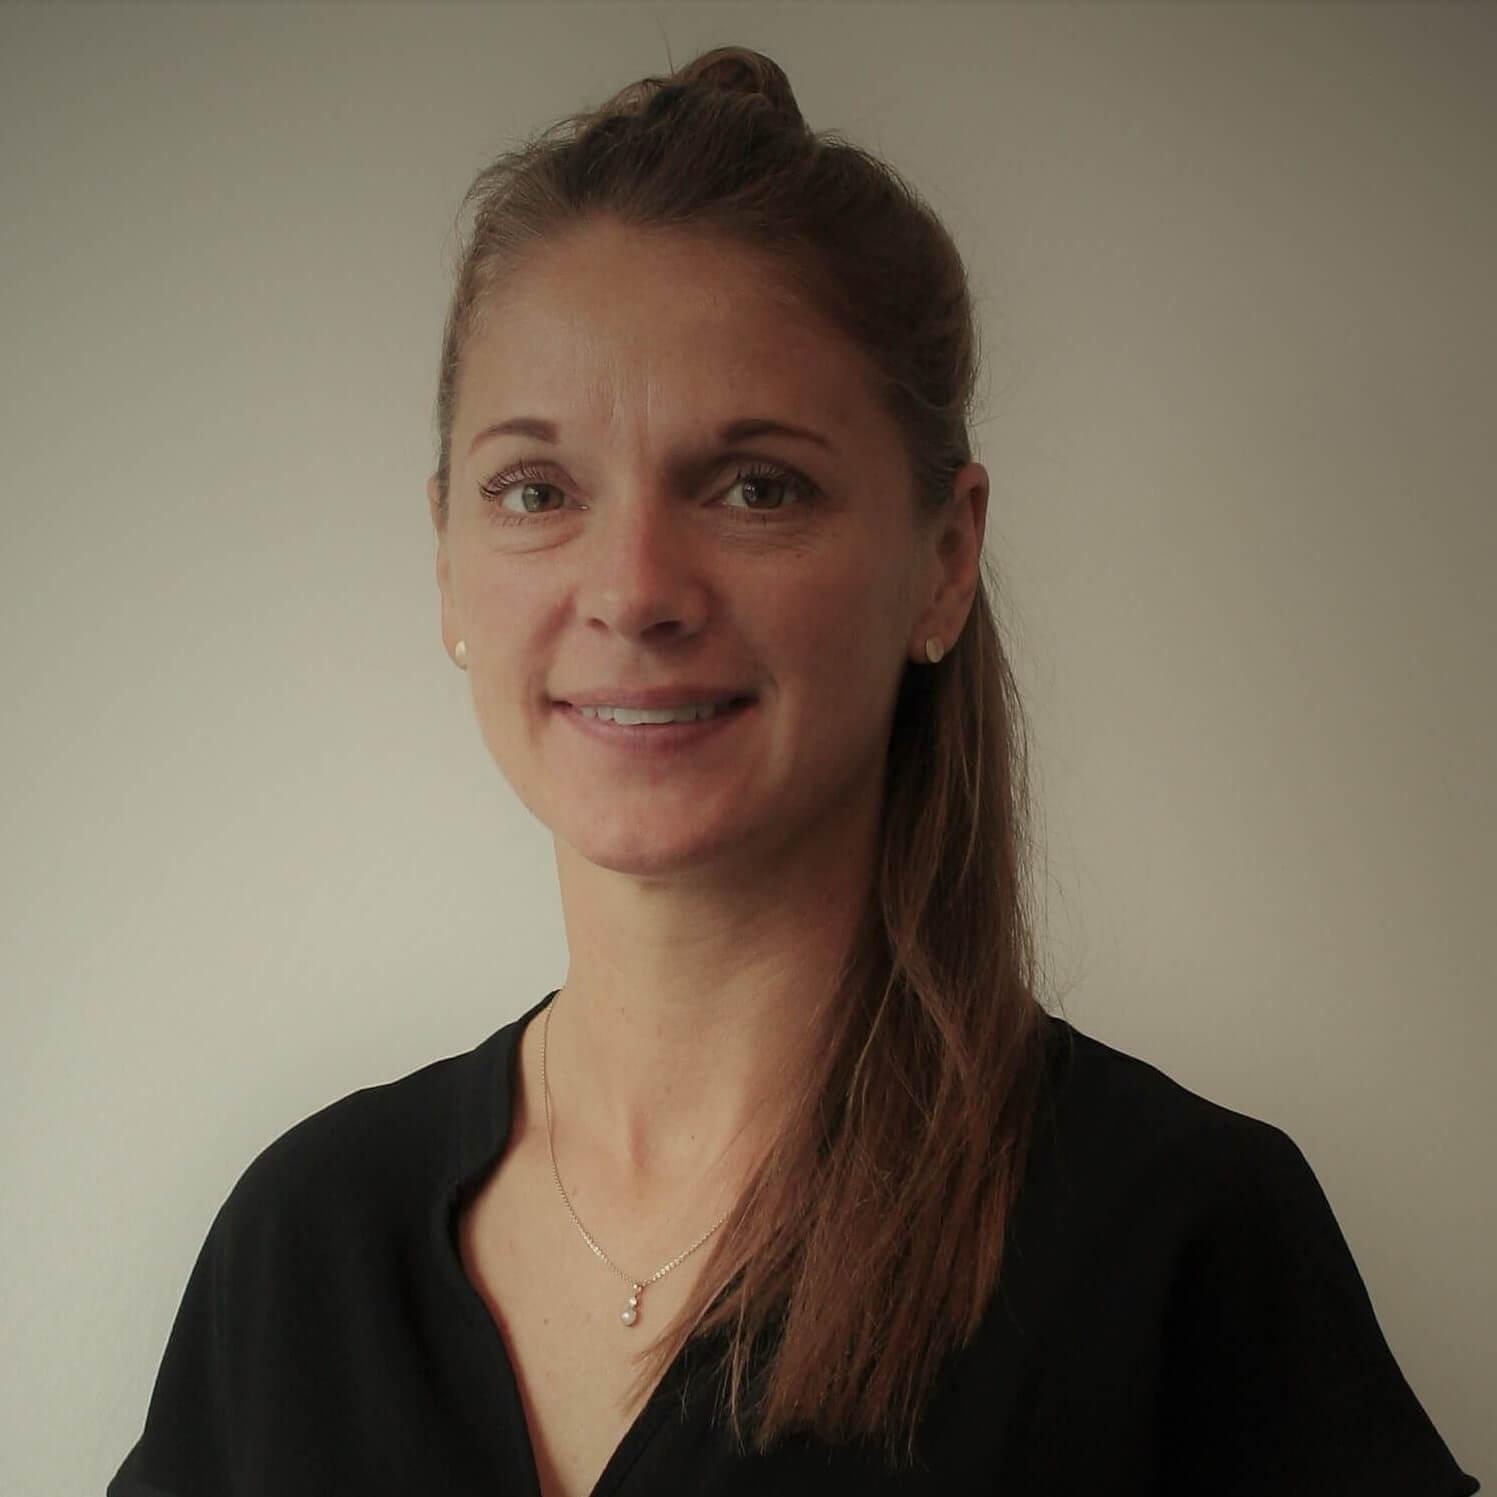 Marlene Veje